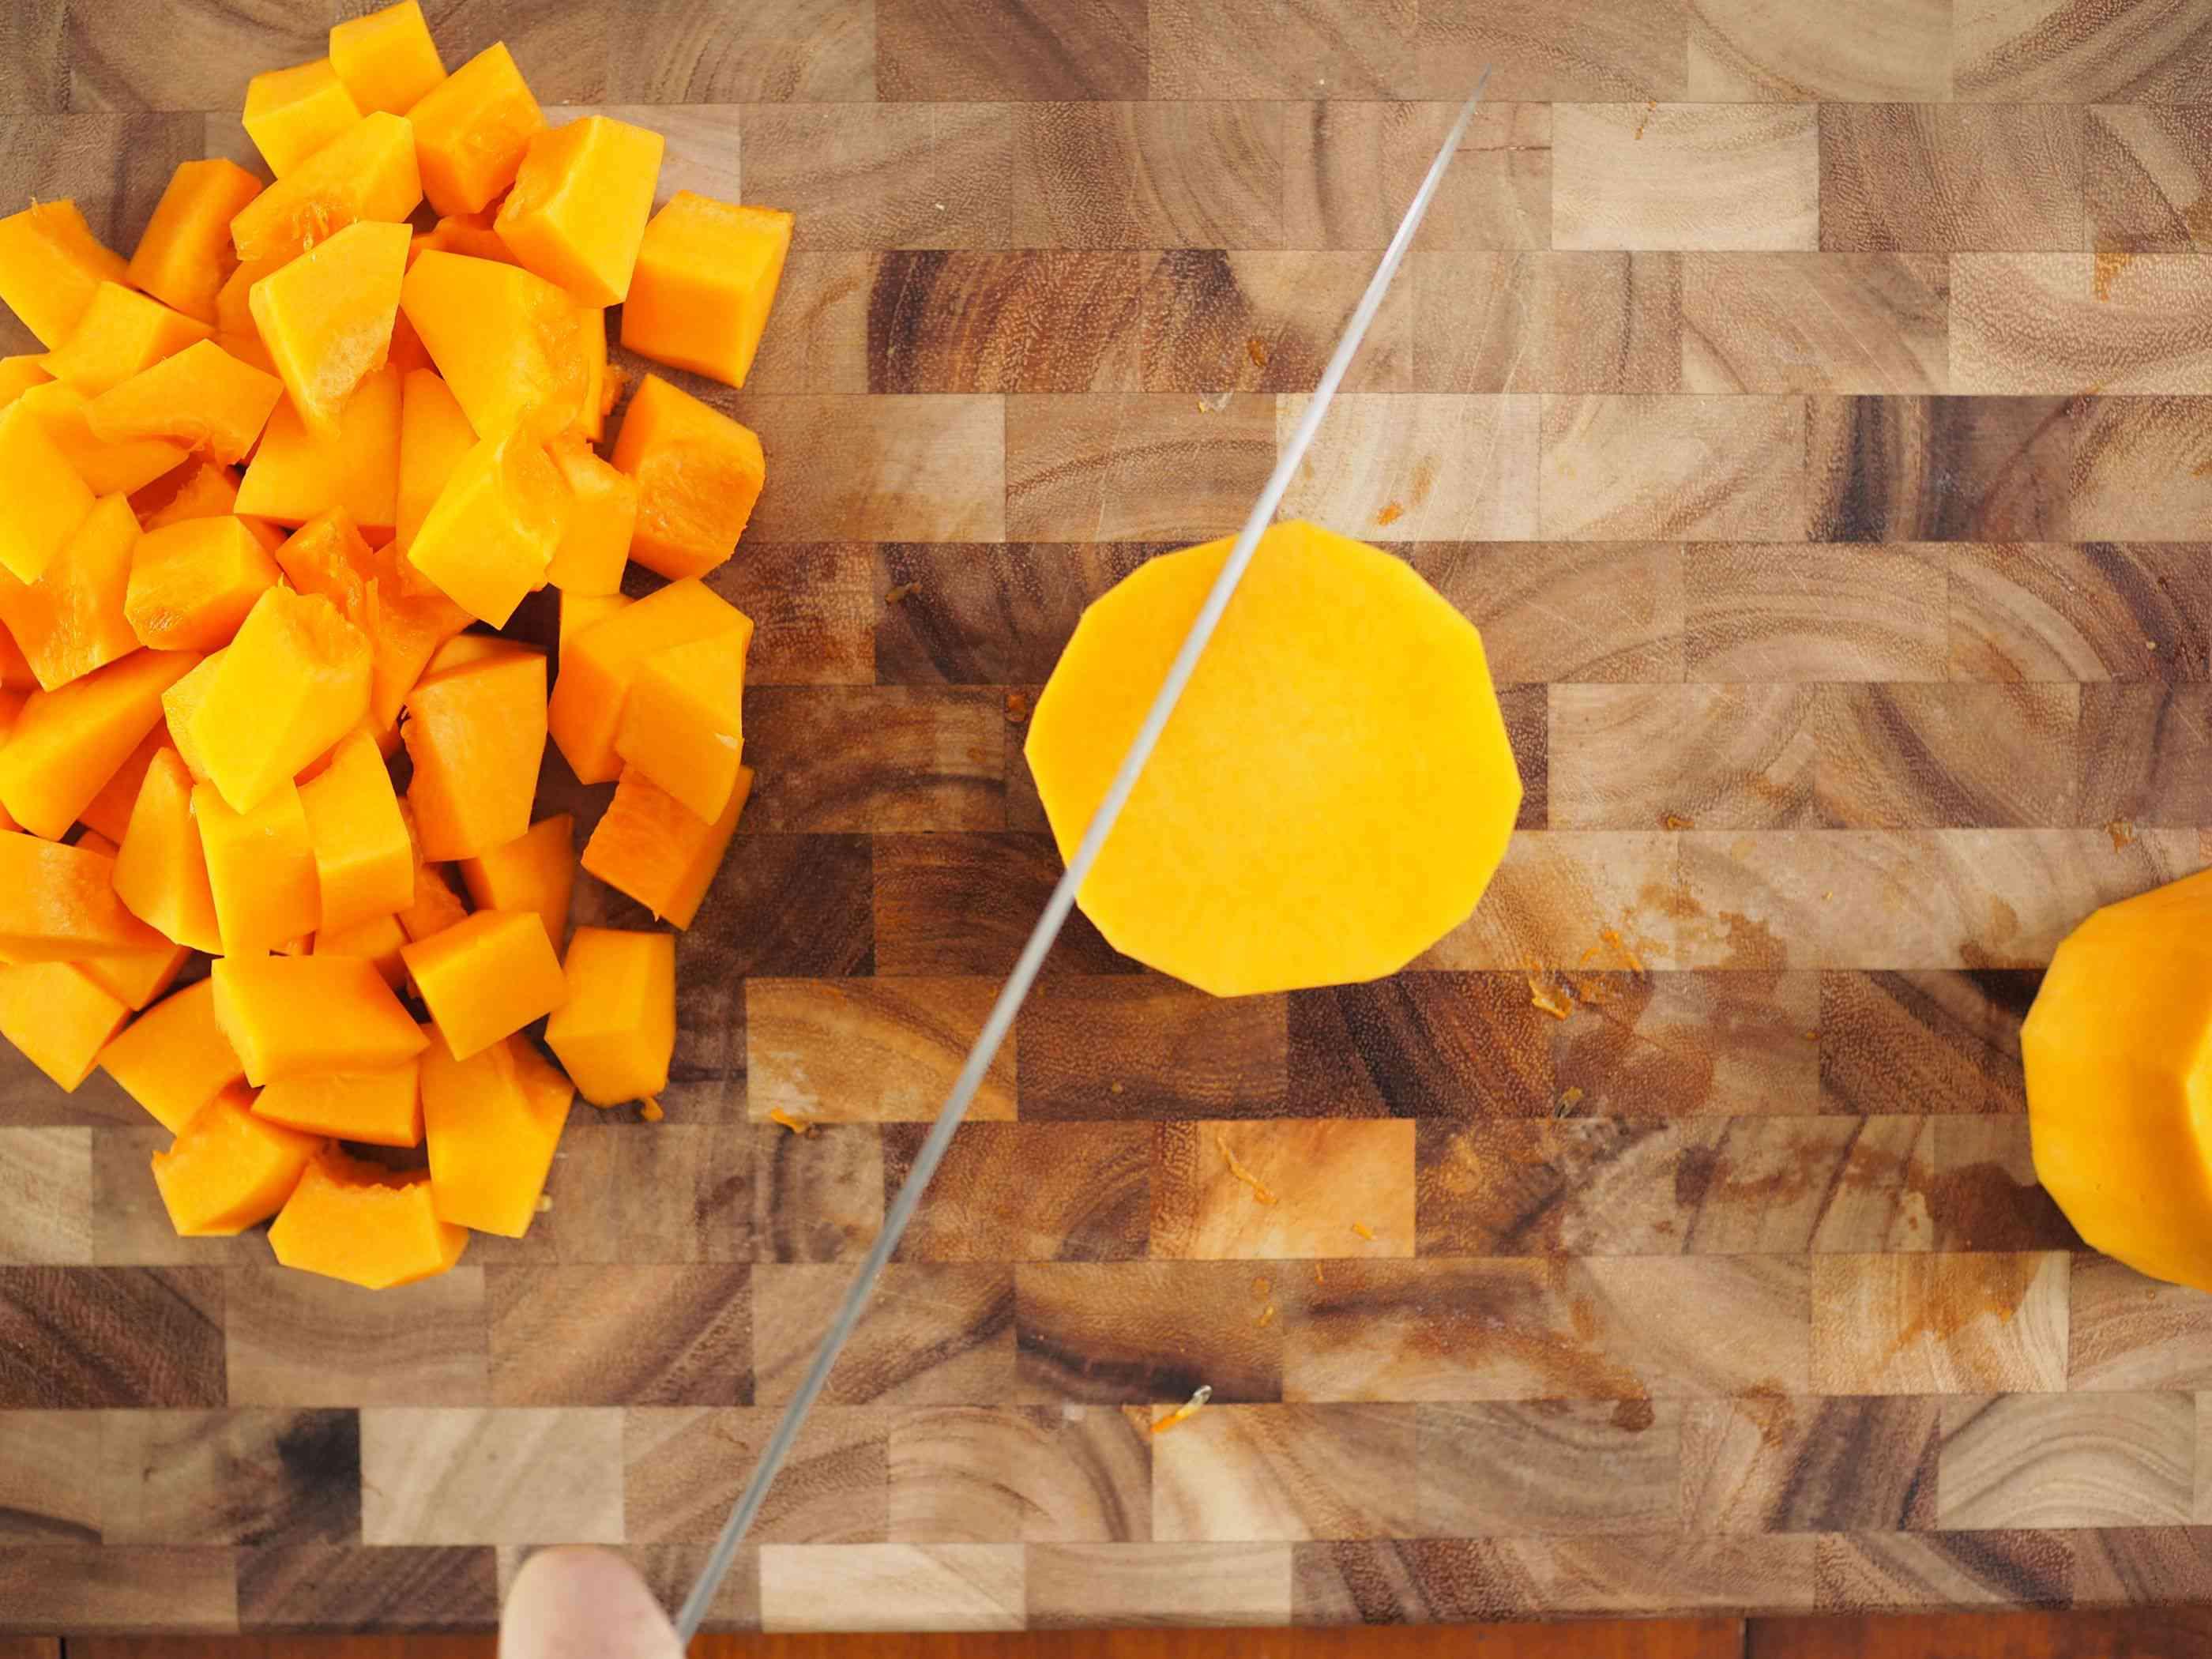 20141008-knife-skills-butternut-squash-daniel-gritzer23.jpg